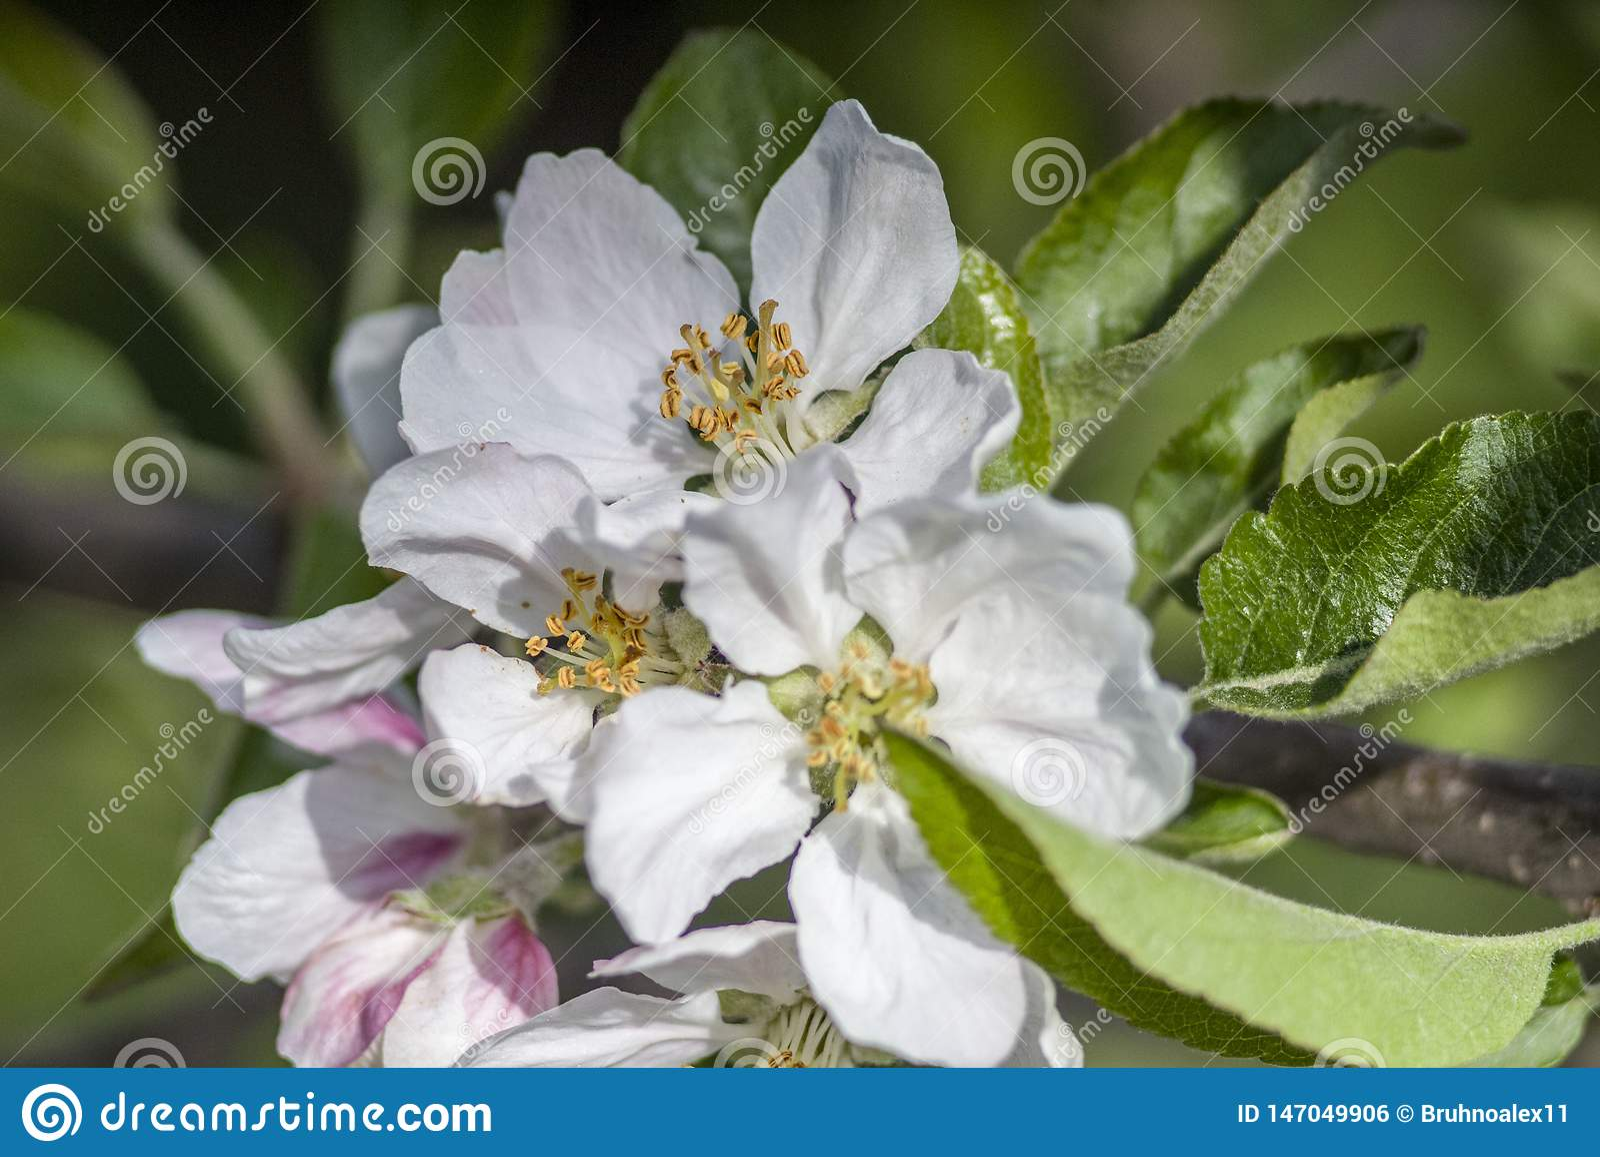 De boom is bloeiend De appelboom is bloeiend De lente Groene Tuin Bloeiwijze van appel Groene bladeren en bloemen wit